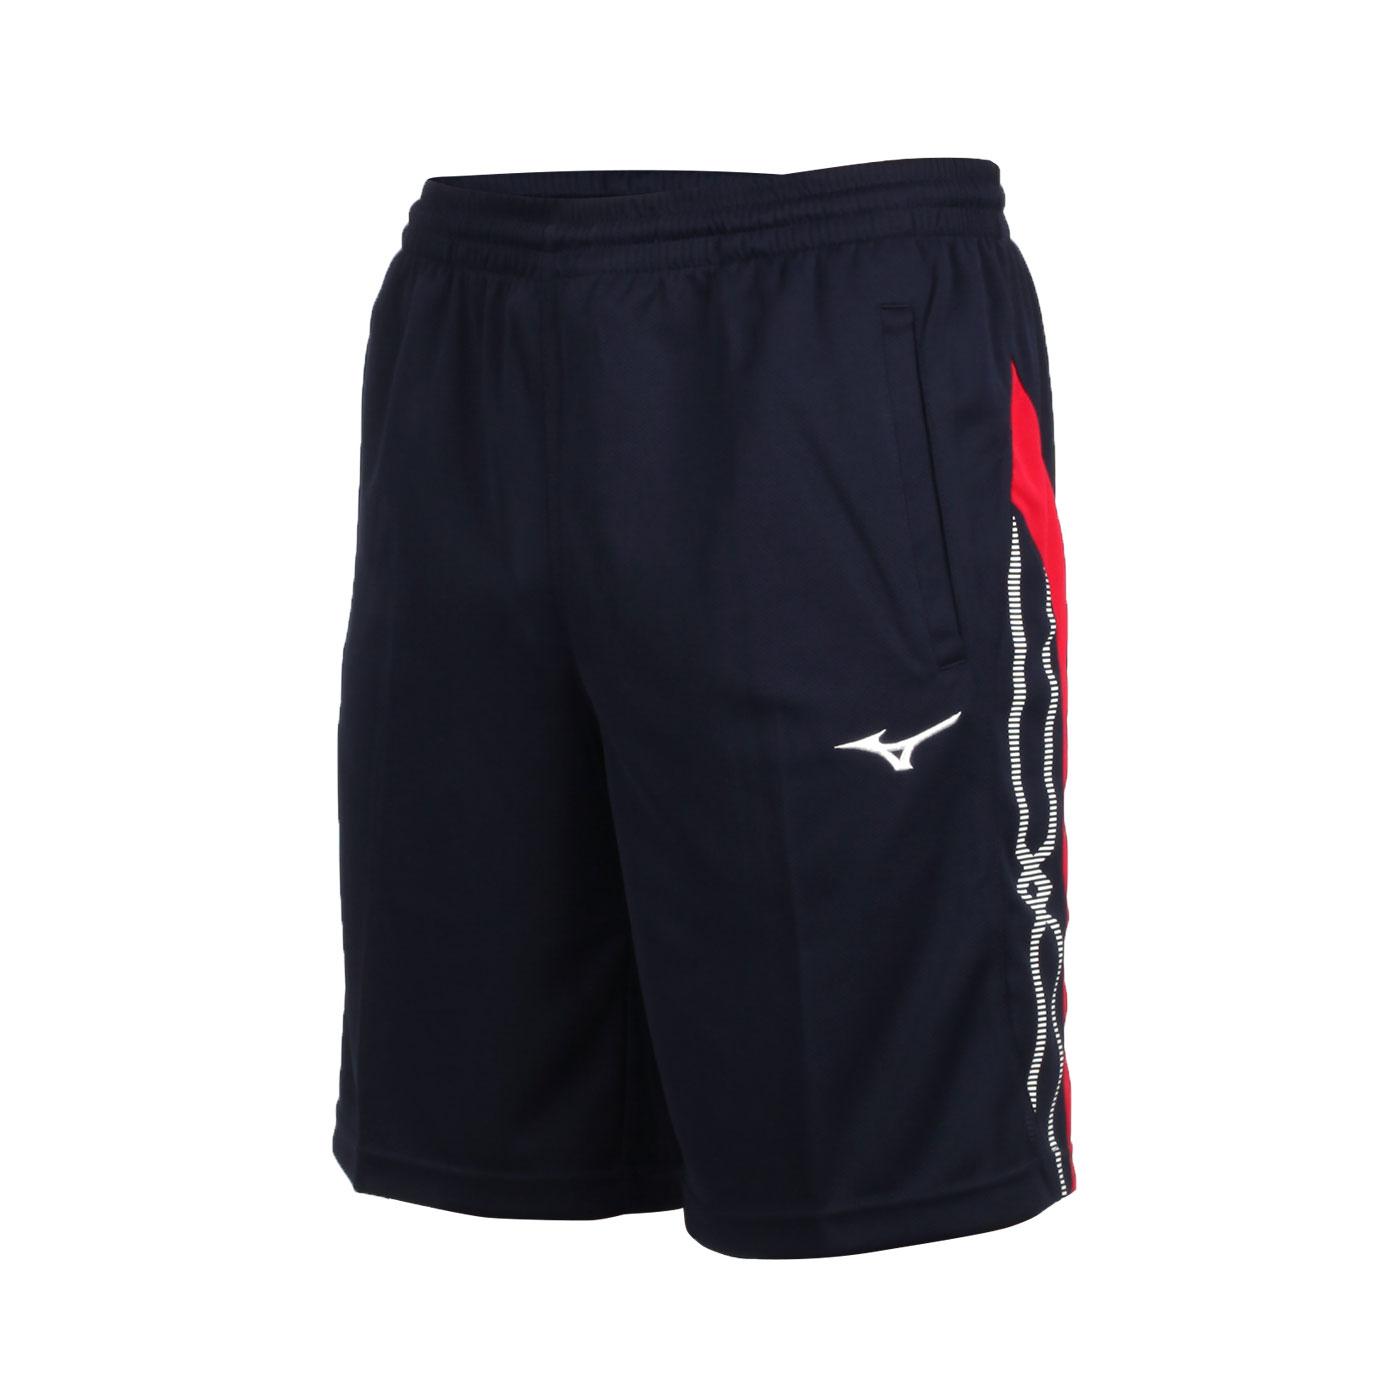 MIZUNO 男款針織短褲 32TB050214 - 丈青紅白